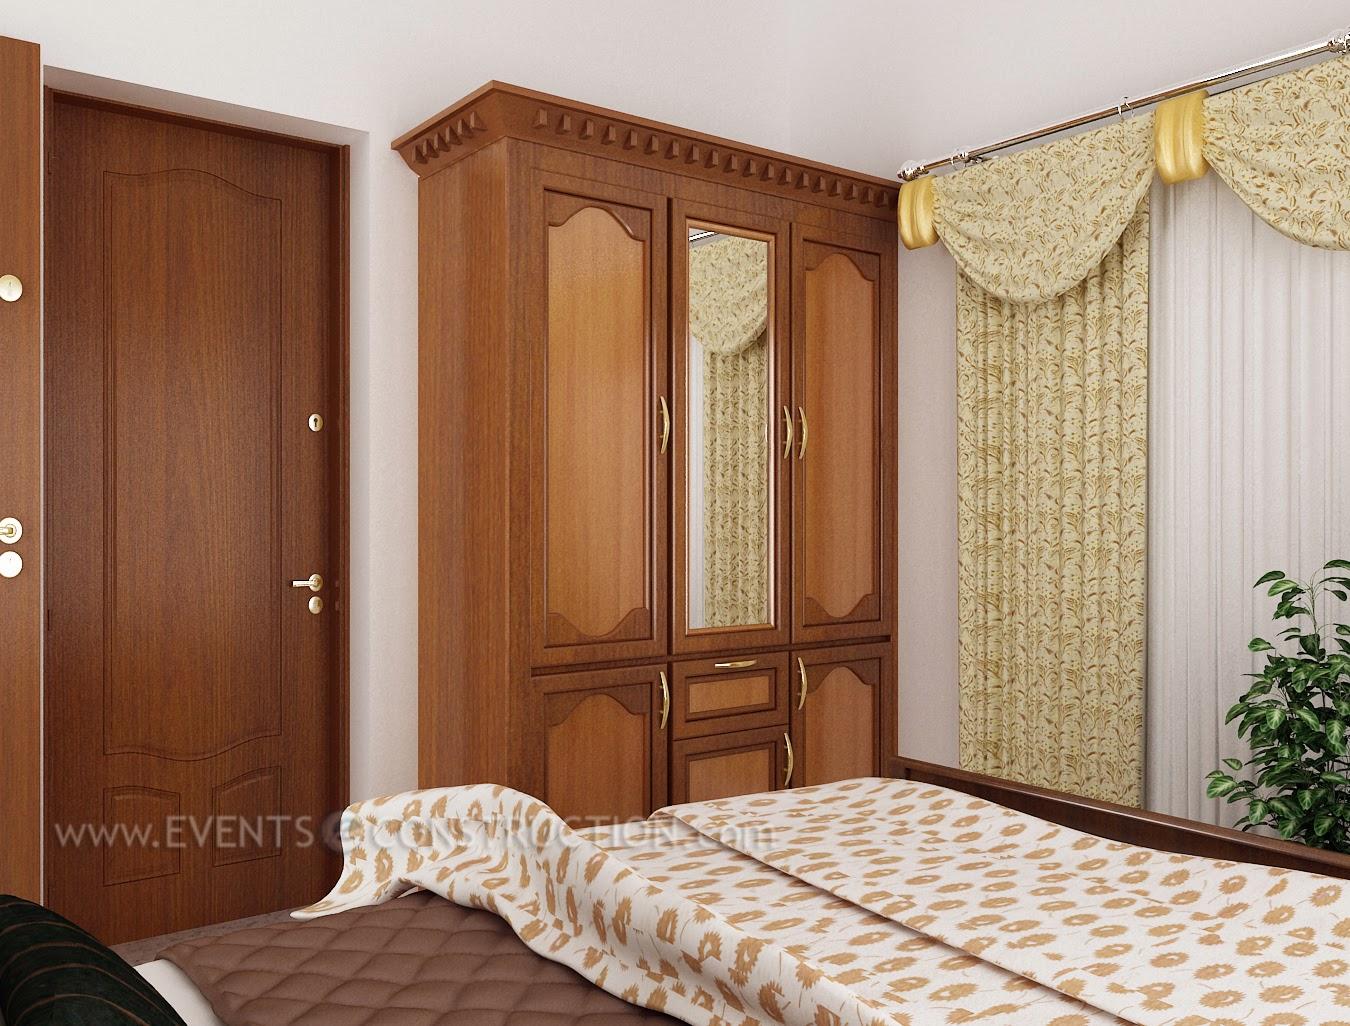 Evens construction pvt ltd bedroom interior for kerala home for Kerala home interior design bedroom